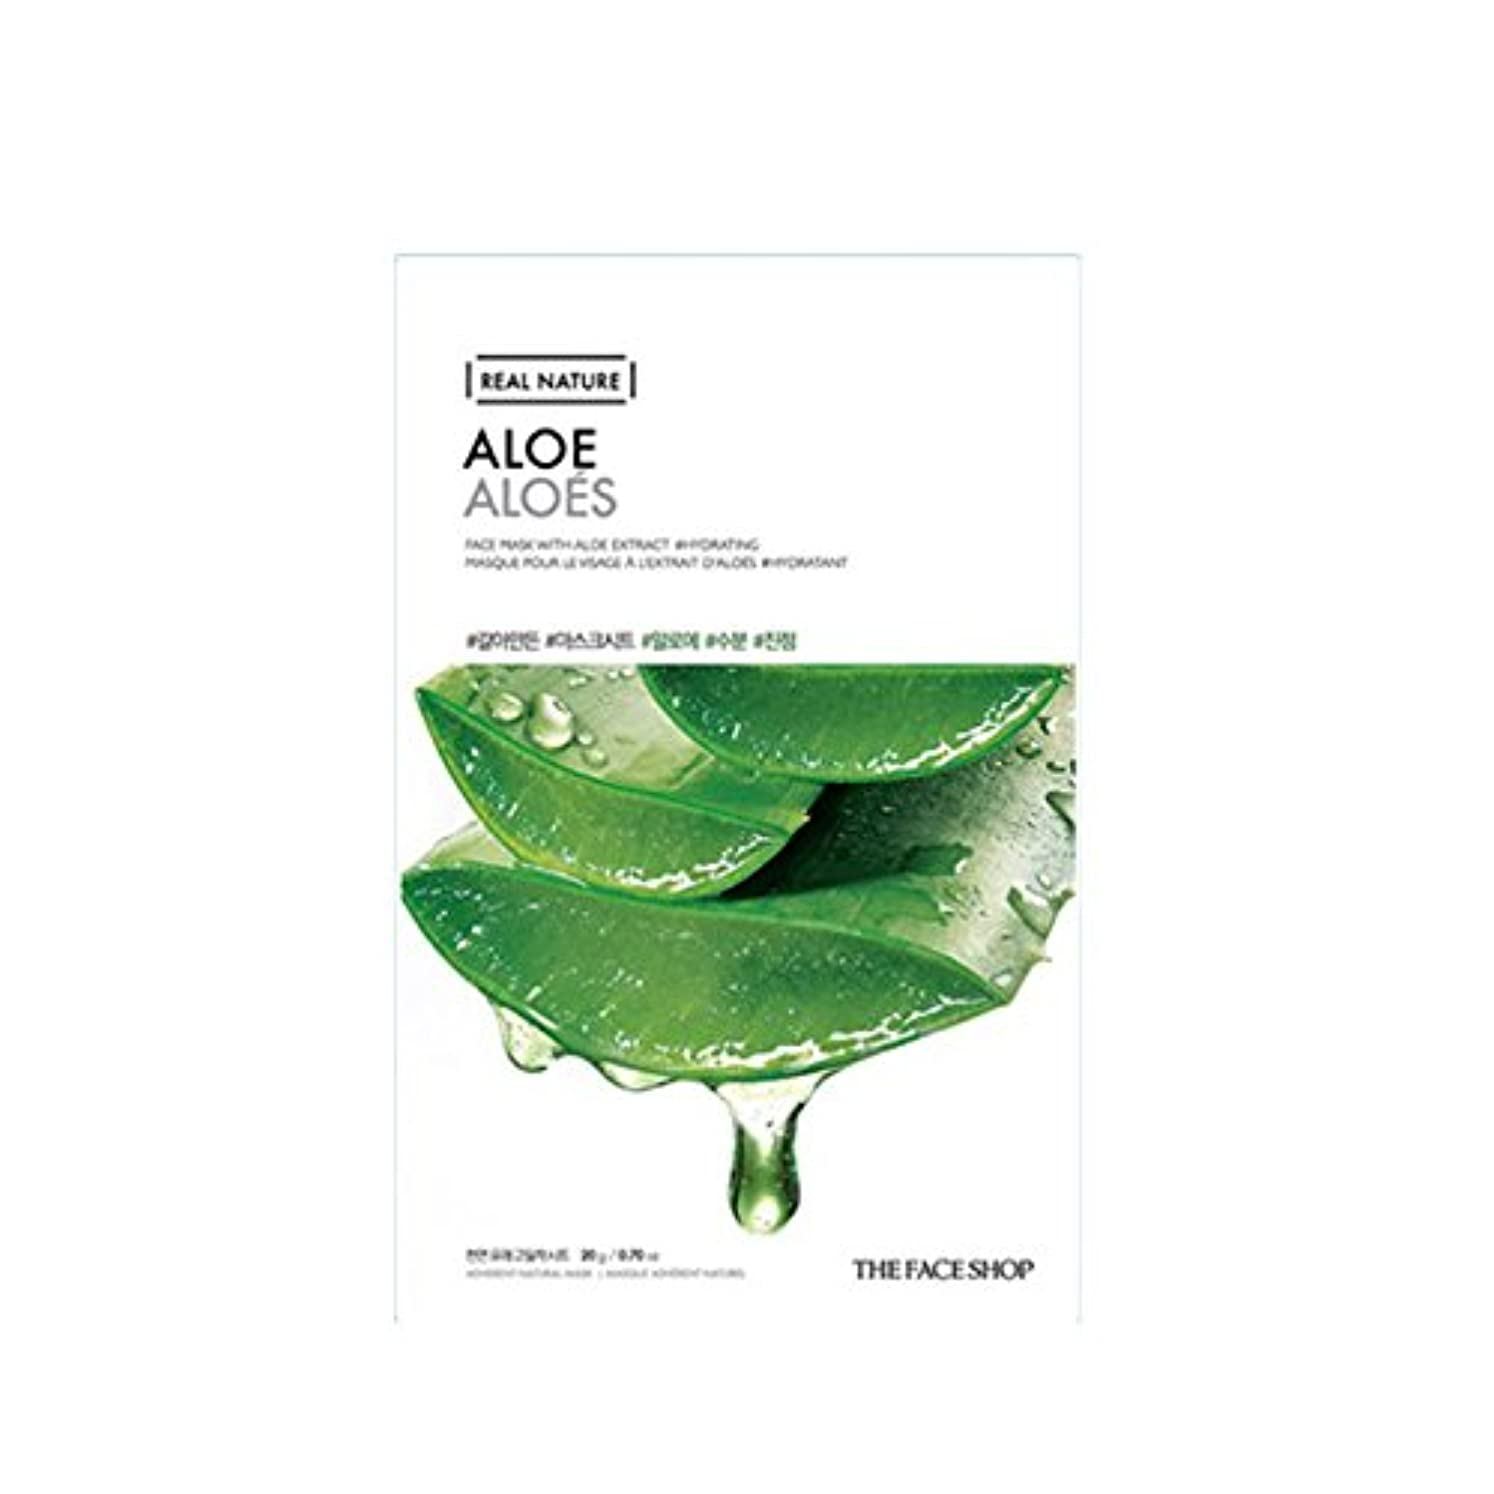 通知する方程式神秘[The Face Shop] ザフェイスショップ リアルネイチャーマスクシート Real Nature Mask Sheet (Aloe (アロエ) 10個) [並行輸入品]